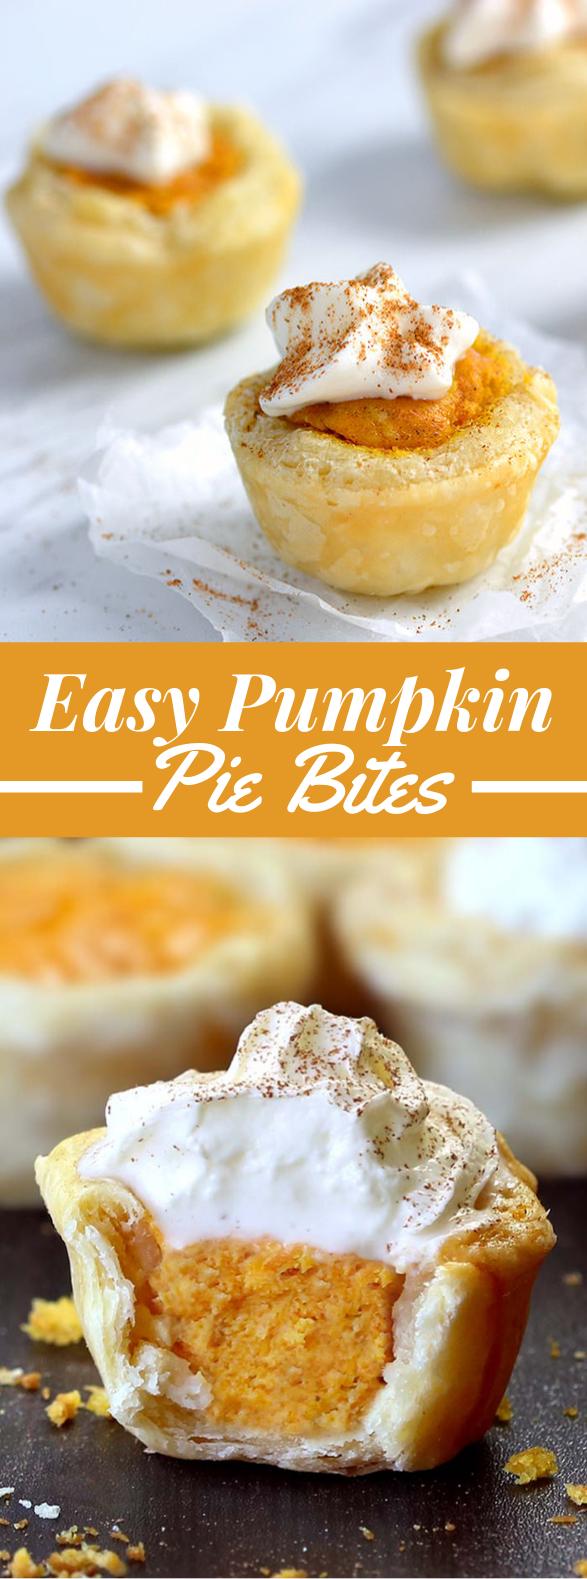 Easy Pumpkin Pie Bites #desserts #cake